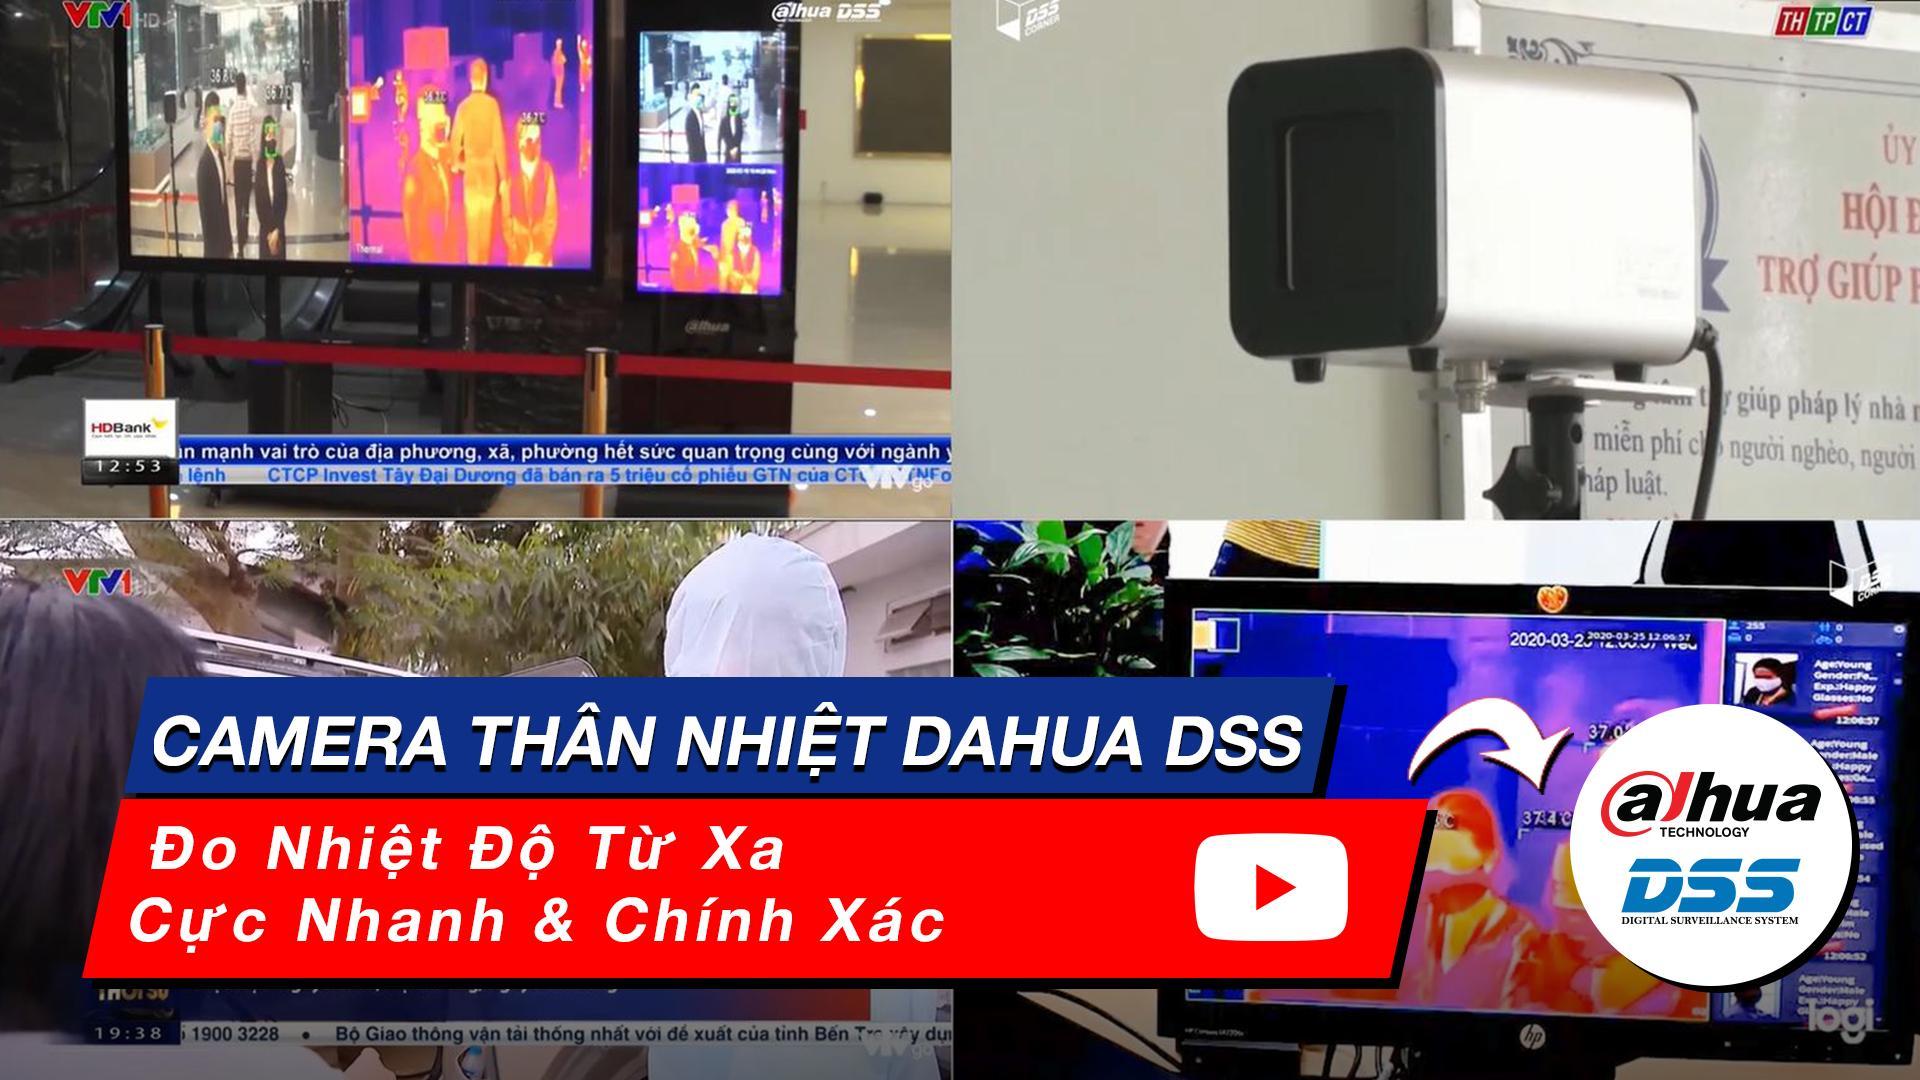 camera thân nhiệt Dahua DSS